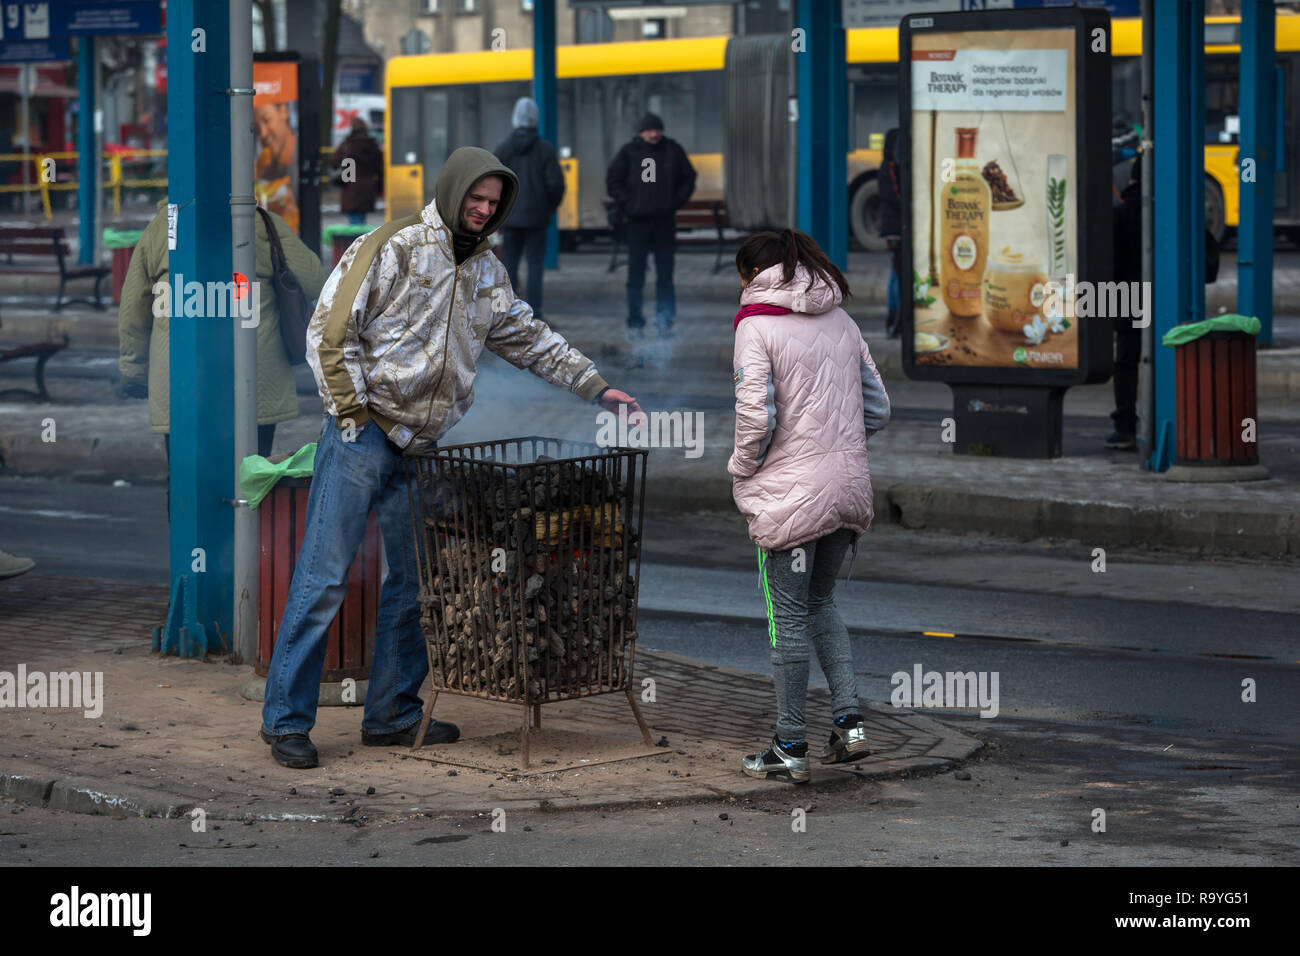 28.02.2018, Bytom (Beuthen), Schlesien, Polen - Menschen an einer Bushaltestelle waermen sich an einem Gefaess mit brennender Steinkohle. 00A180228D14 Stock Photo